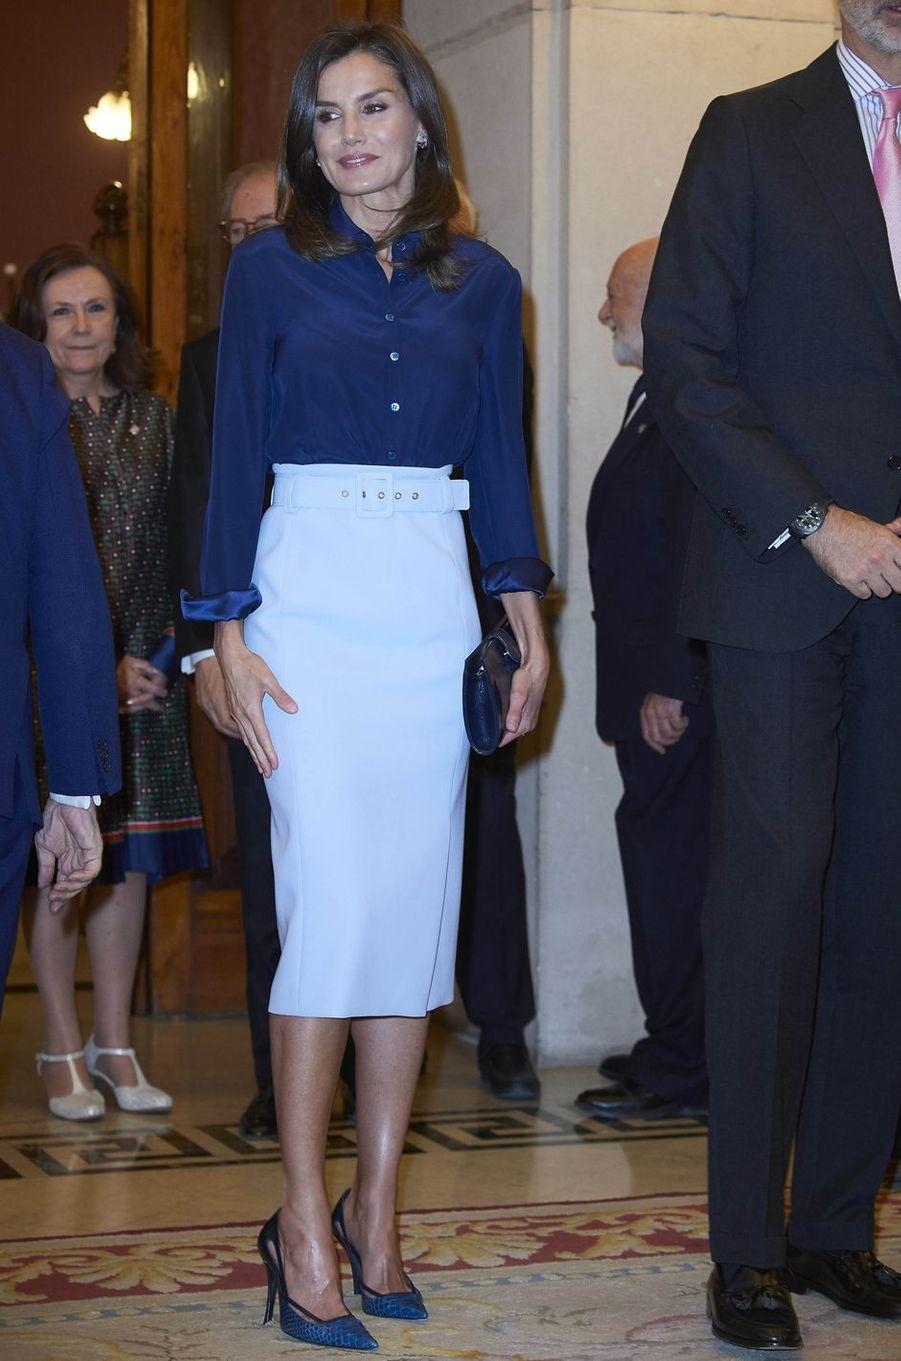 La reine Letizia d'Espagne à Madrid, le 13 juin 2019